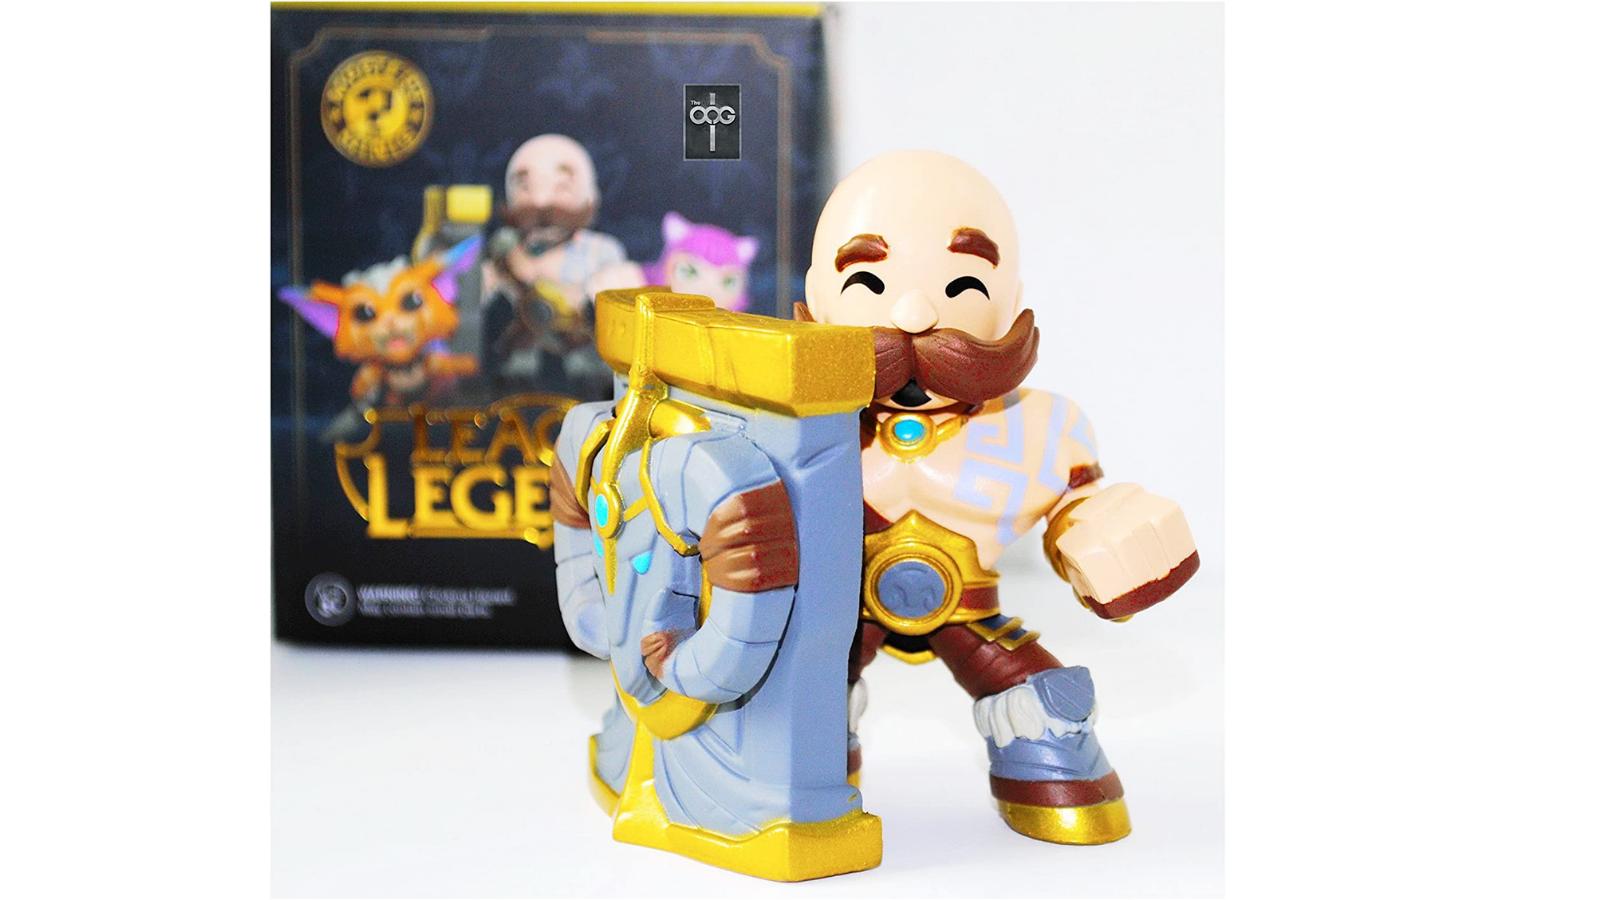 league of legend deals